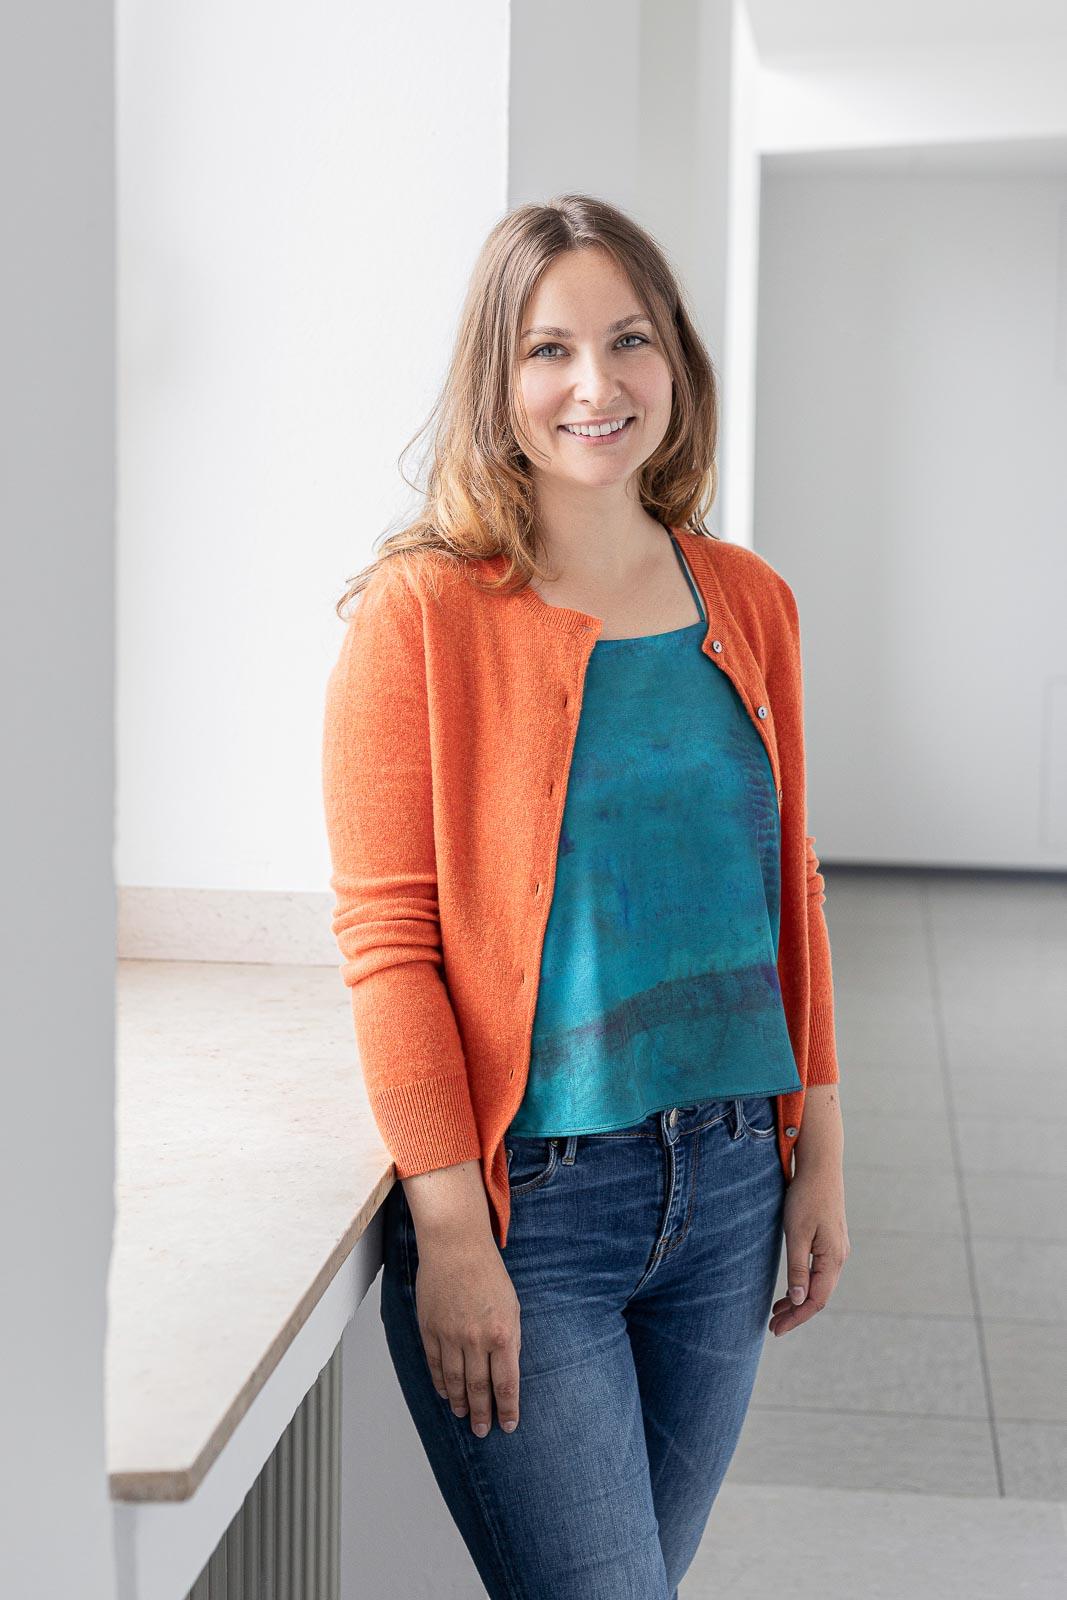 Luise Wegehaupt